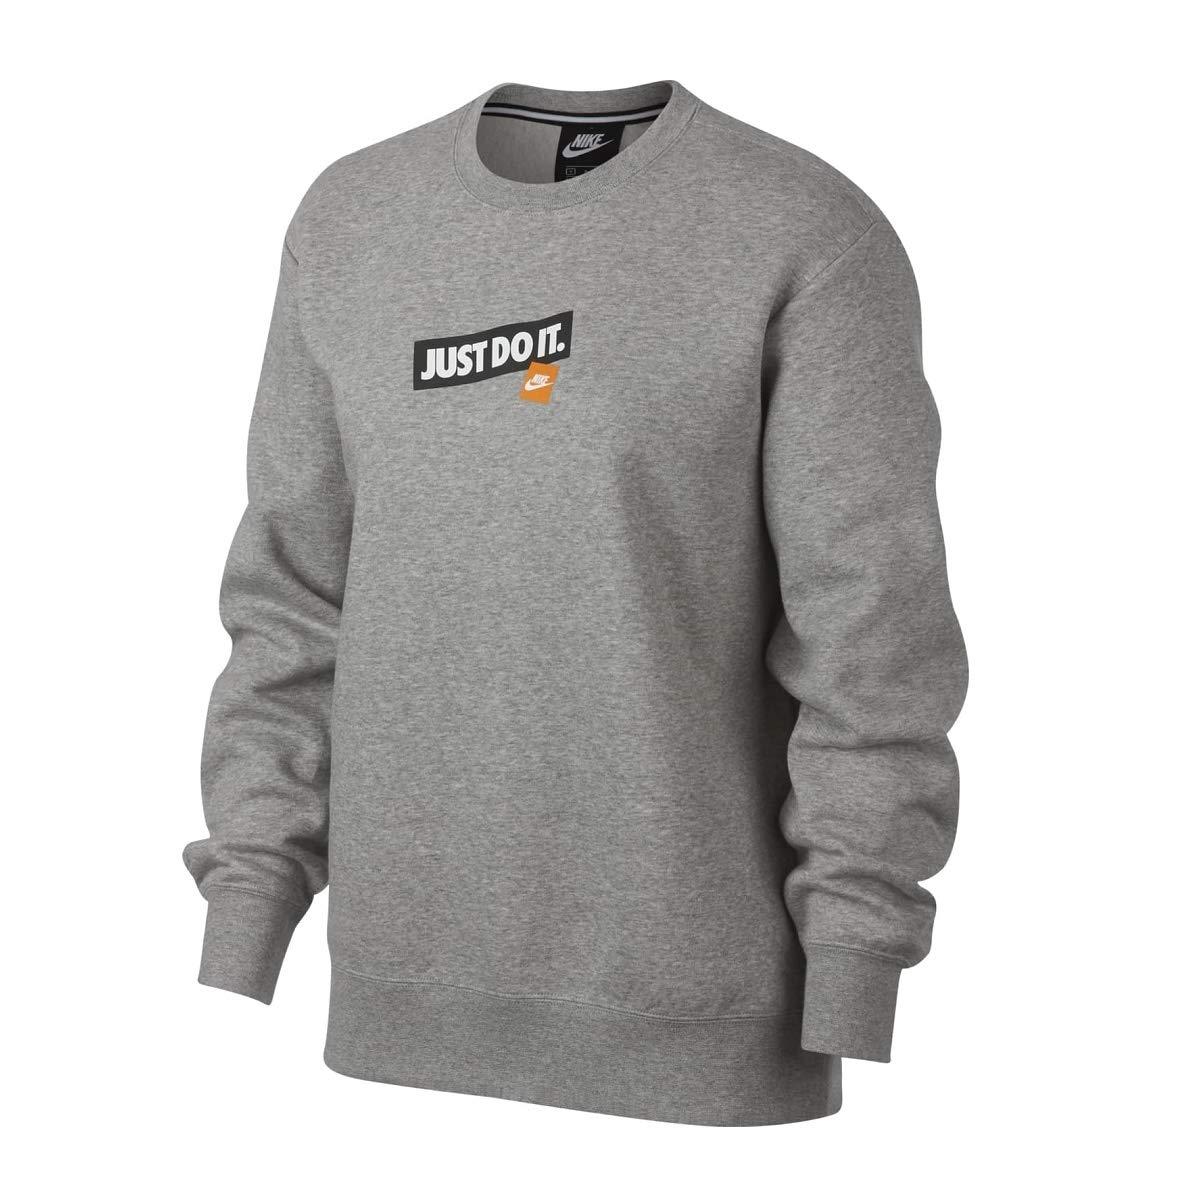 ba34061a1422 Amazon.com  Nike Women s Logo Sportswear Sweater Grey AQ0243-063  Shoes